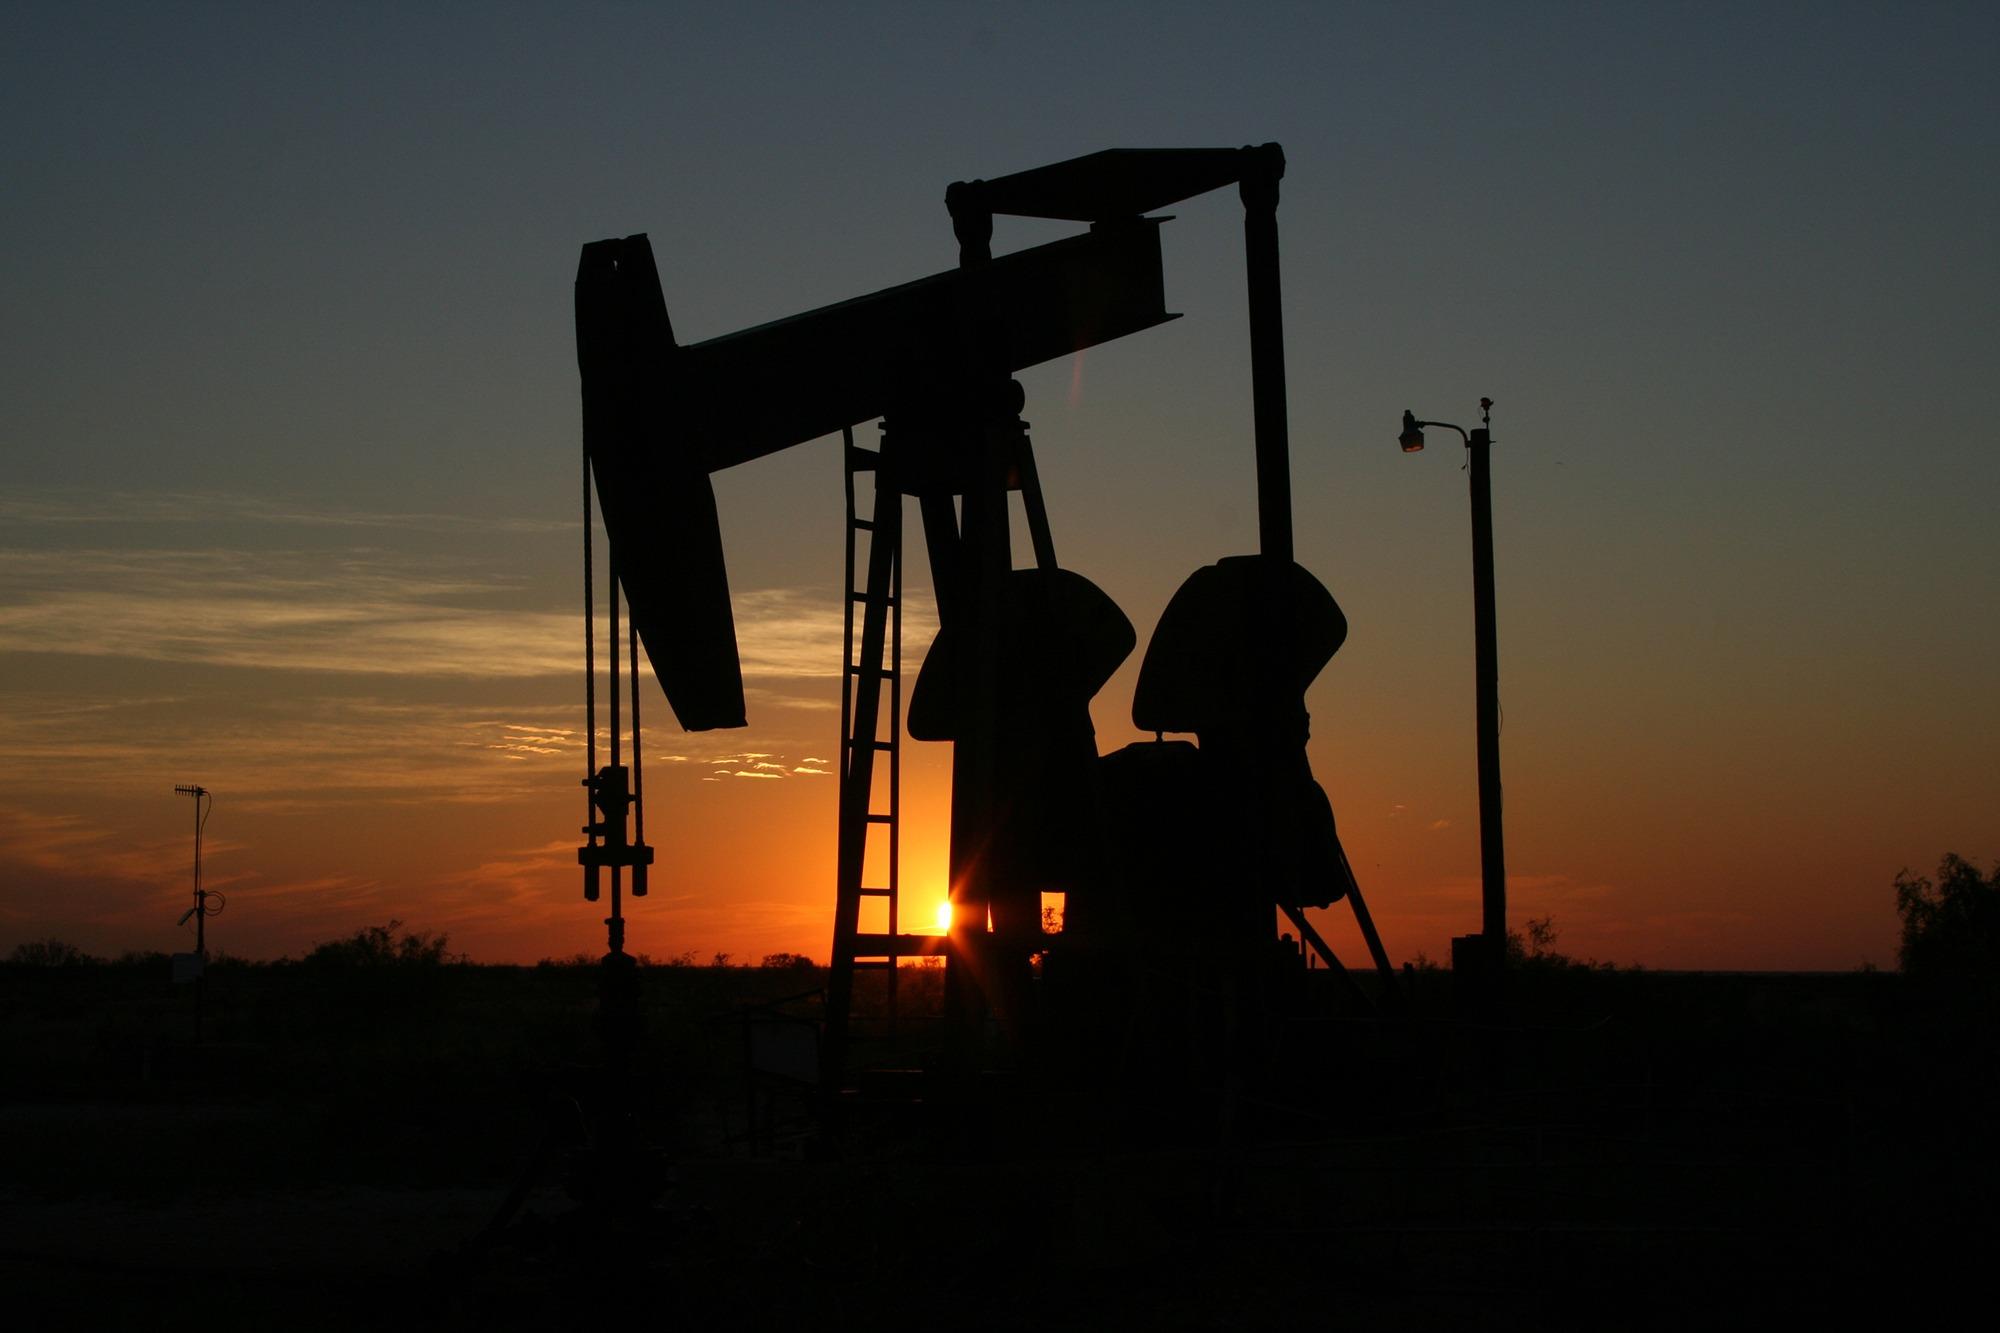 昨(4)日國際油價創3年來最高收盤高點。(圖片來源:Pexels)